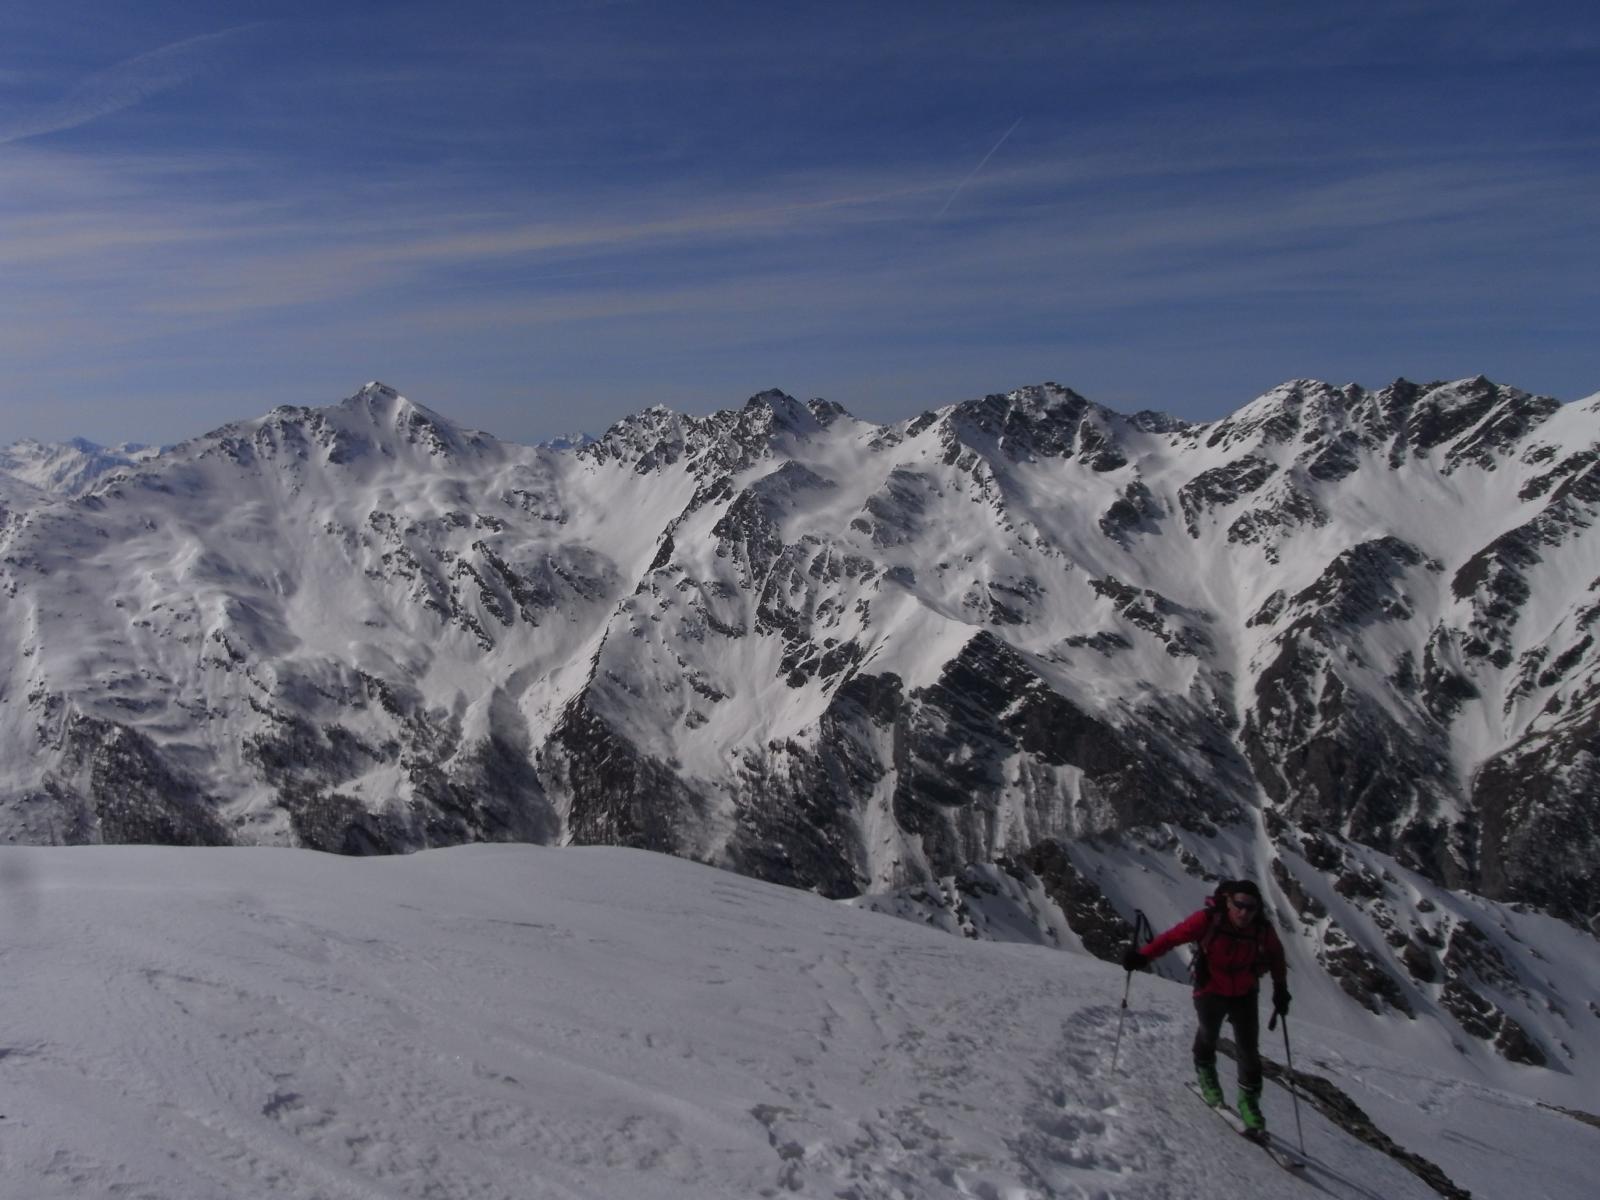 Francesco verso la cima, Ramiere sullo sfondo